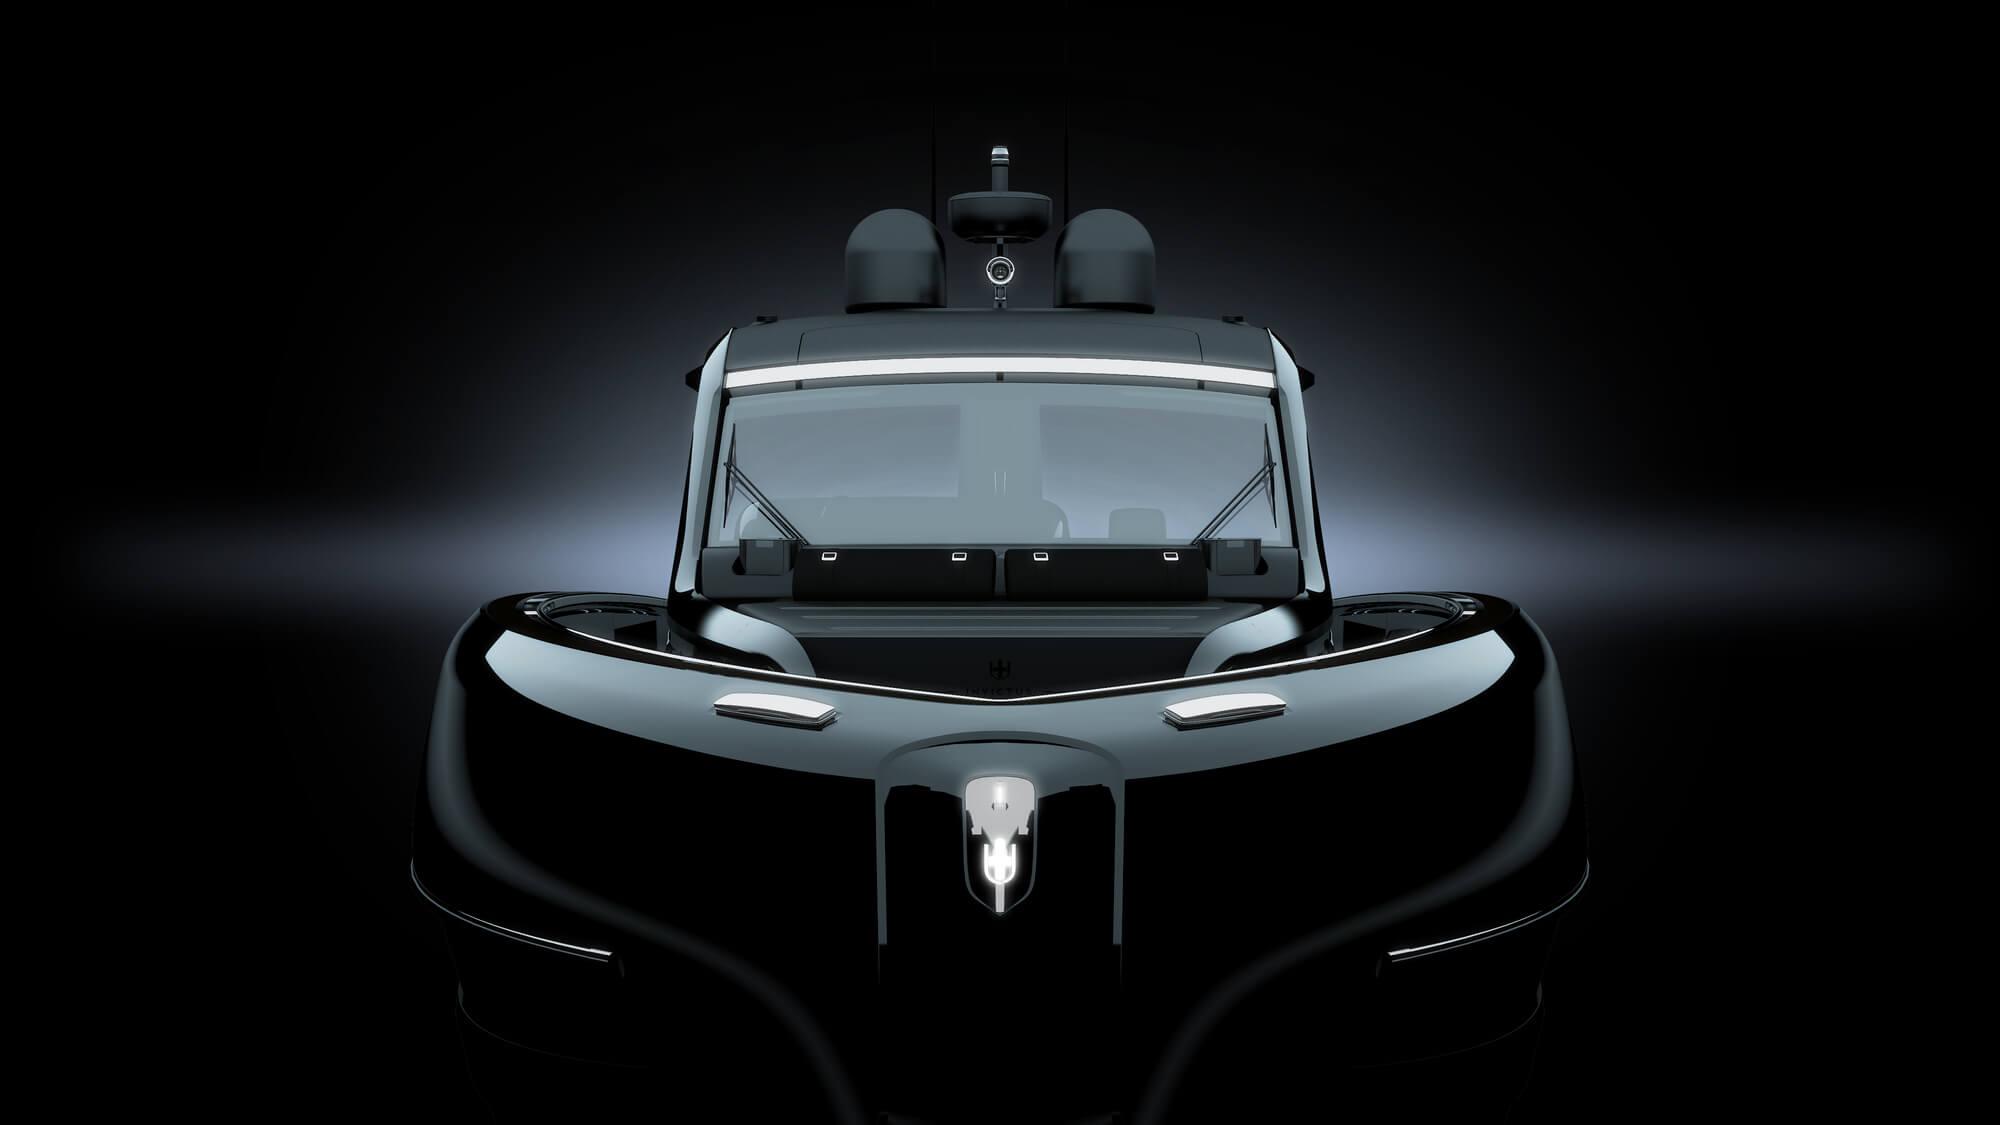 Invictus Yacht TT460 Innovation Design Award